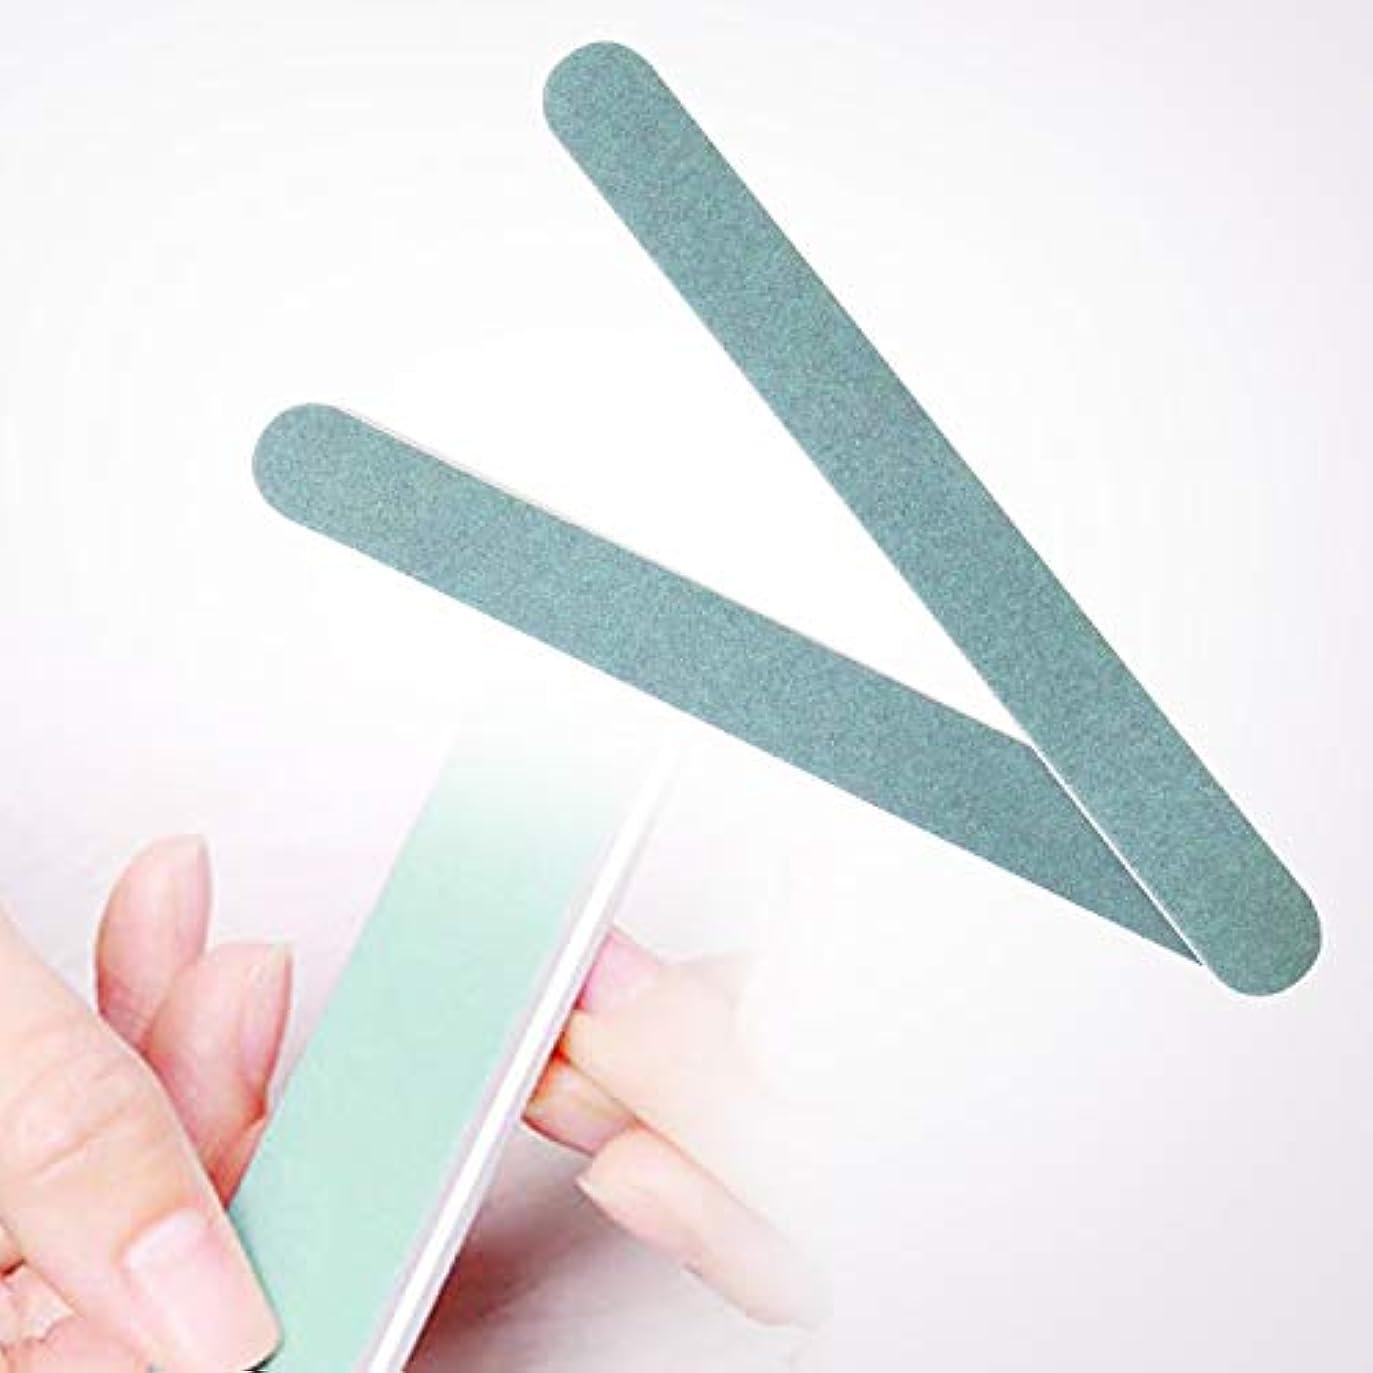 馬鹿ショッキングストリップurlifeエリコネイル エメリーボード パーフェクトシャイン ネイルをつやつやにするスポンジネイルファイル 両面使えるマニキュアDIYのソフトファイル 爪磨き 爪に優しい爪やすり 2本入